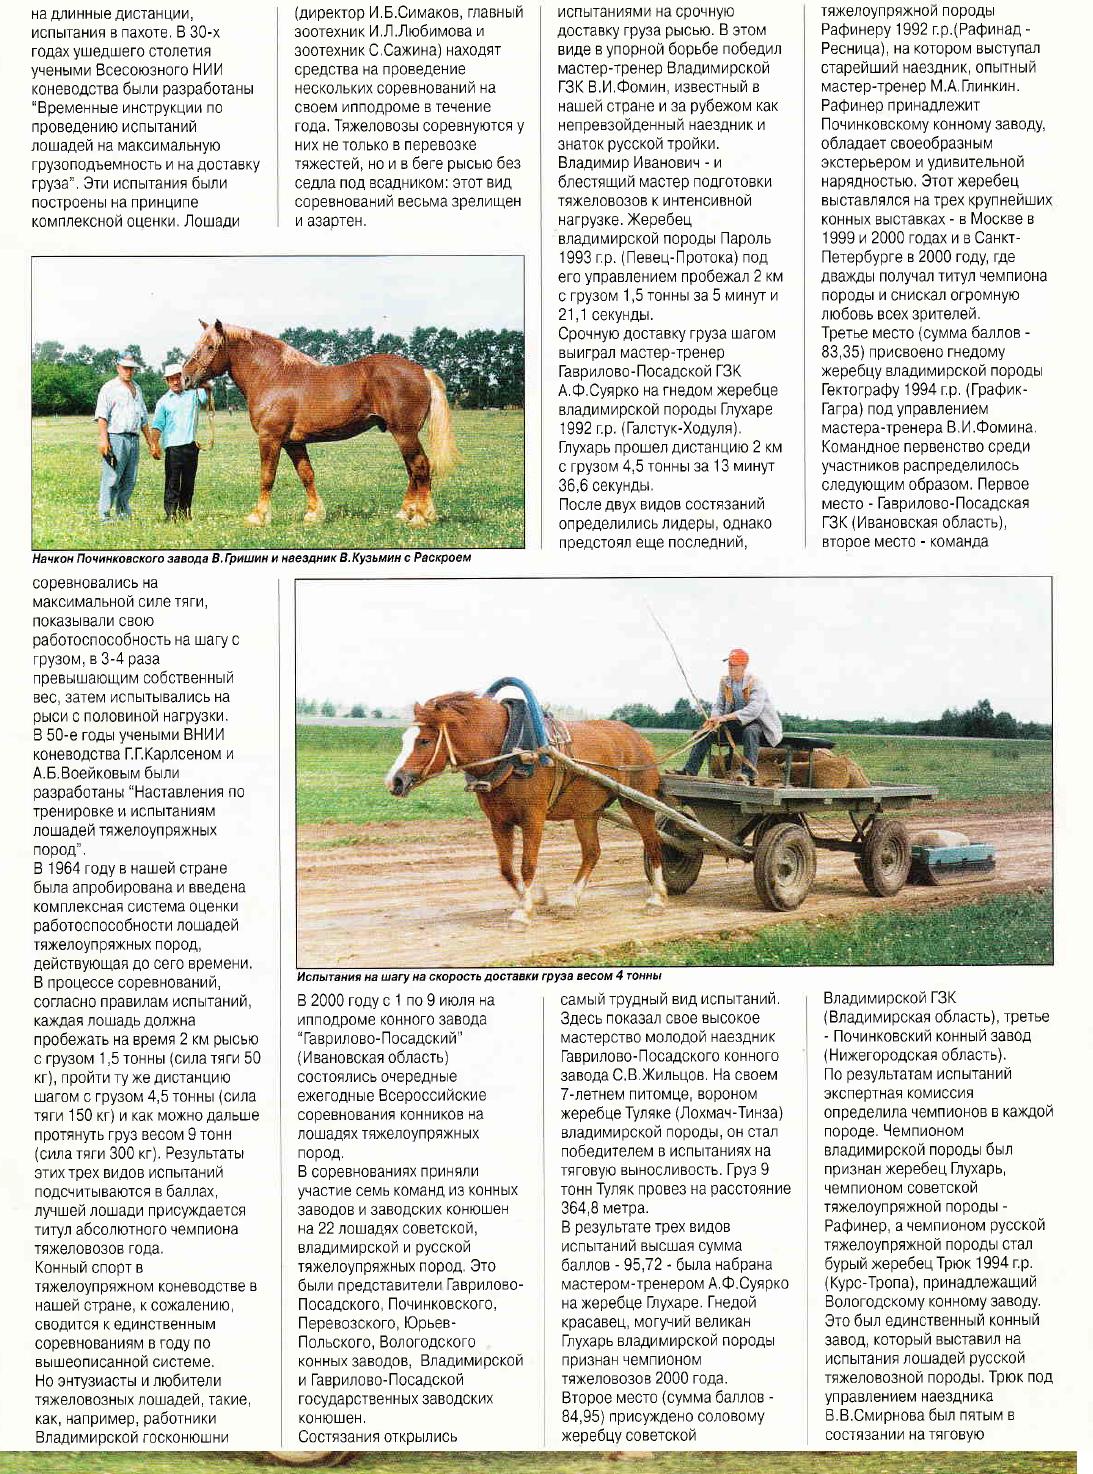 Богатырские кони. Статья из журнала КМ 1-2001 470453753c8765f2052ee7c7d62be194